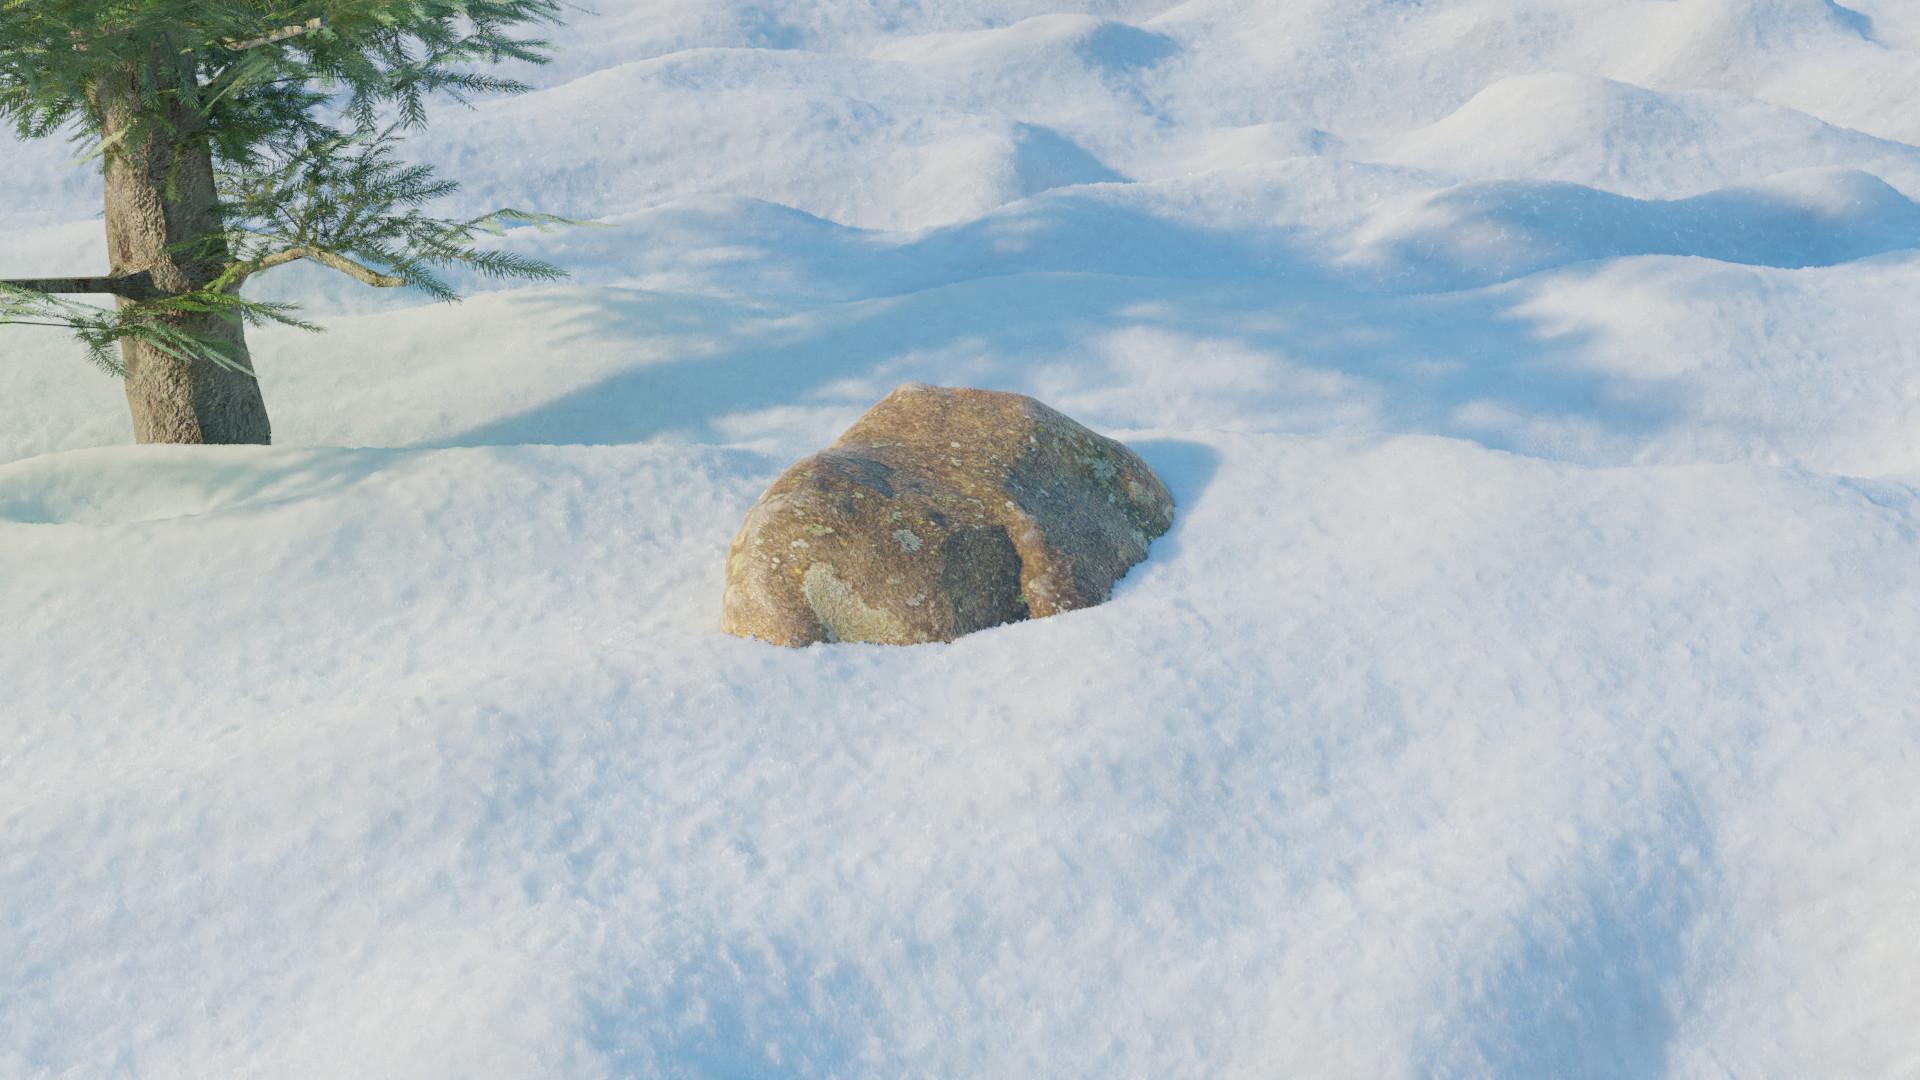 Tucker epp snow scene